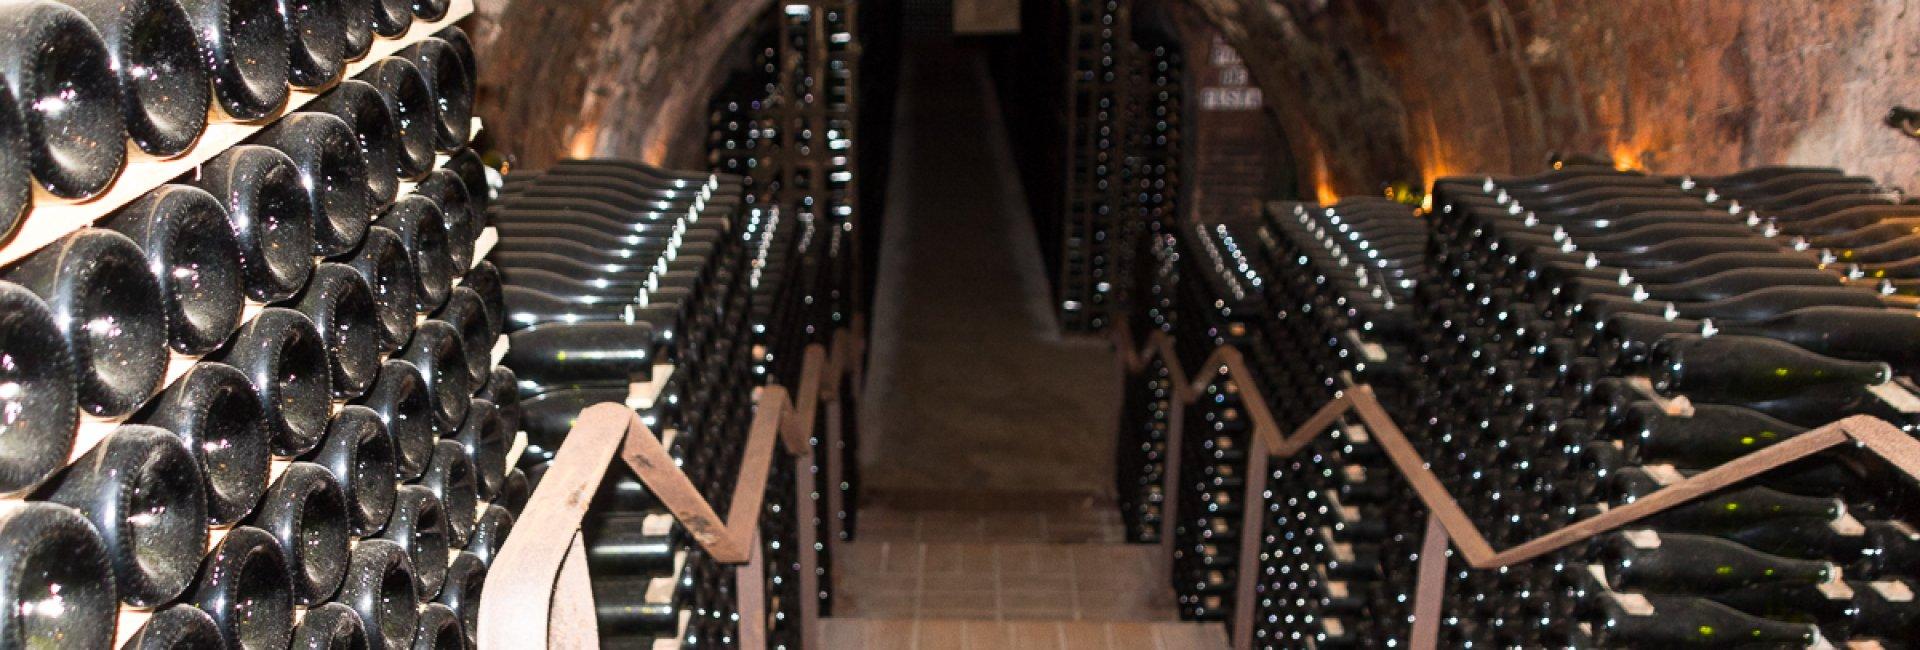 Penèdes wijngebied